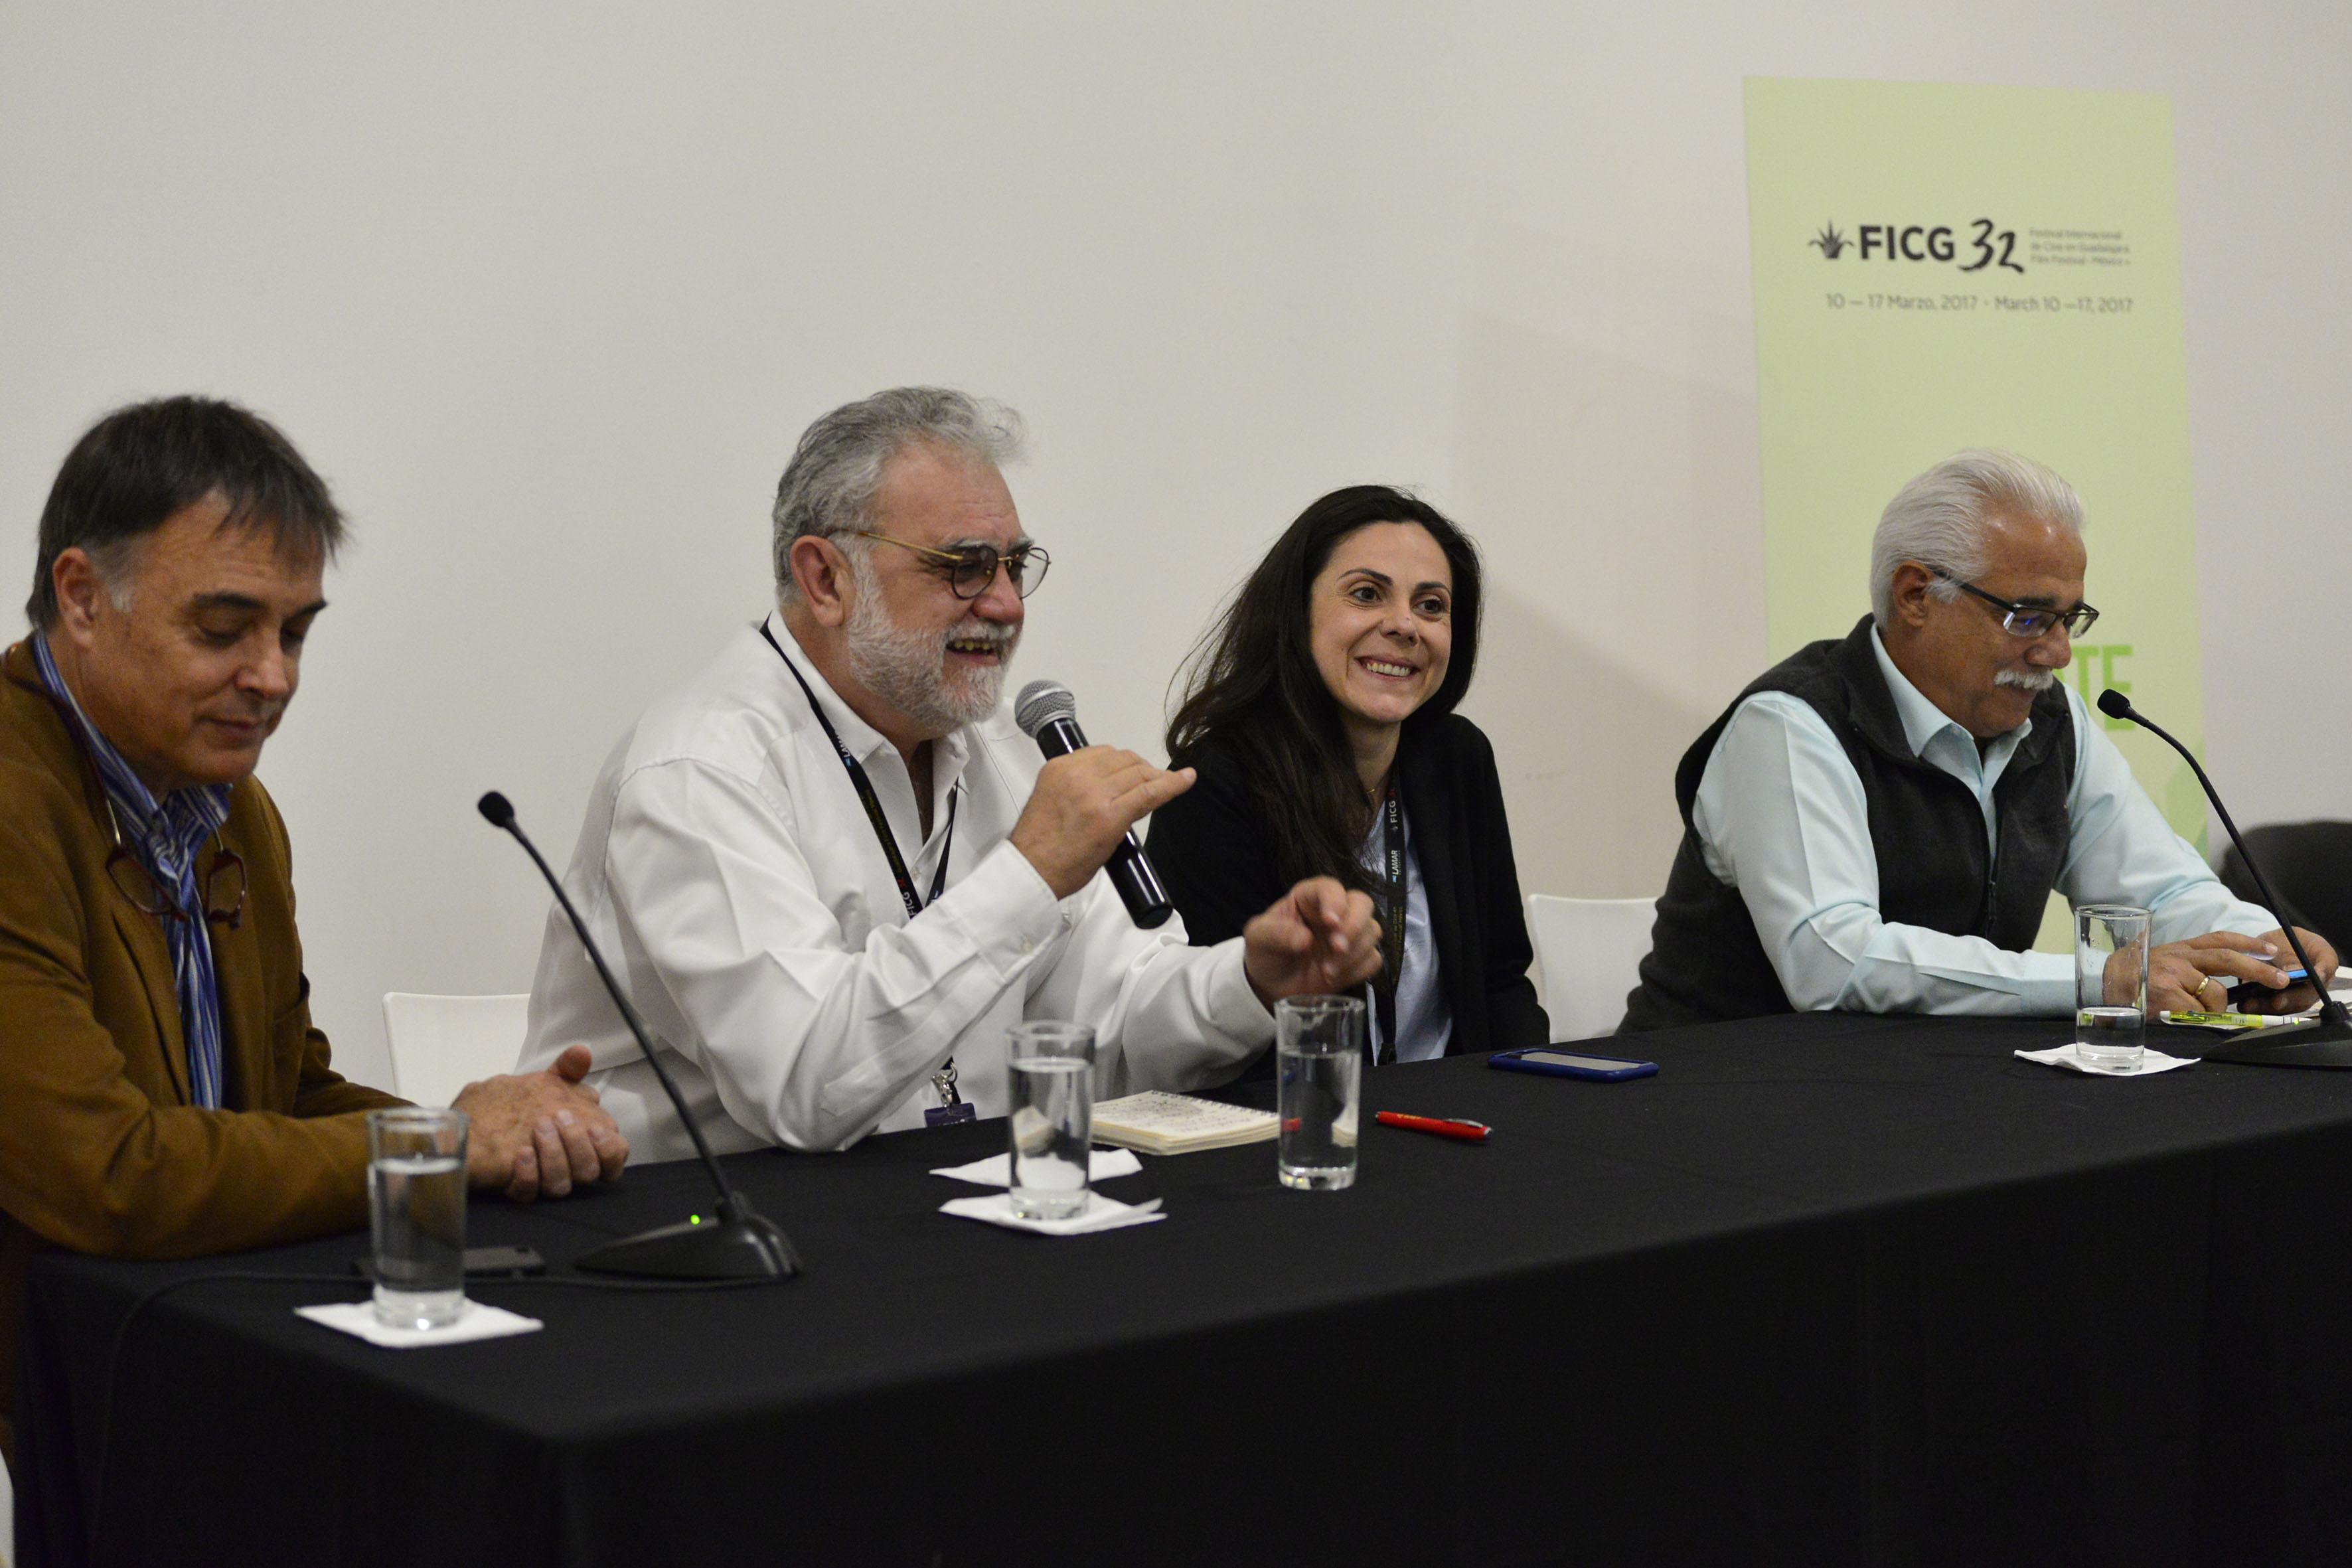 Director general del FICG, biólogo Iván Trujillo Bolio en rueda de prensa anunciando  la creación de un diplomado en Producción Fílmica Sustentable, durante el inicio de las actividades de Film4Climate